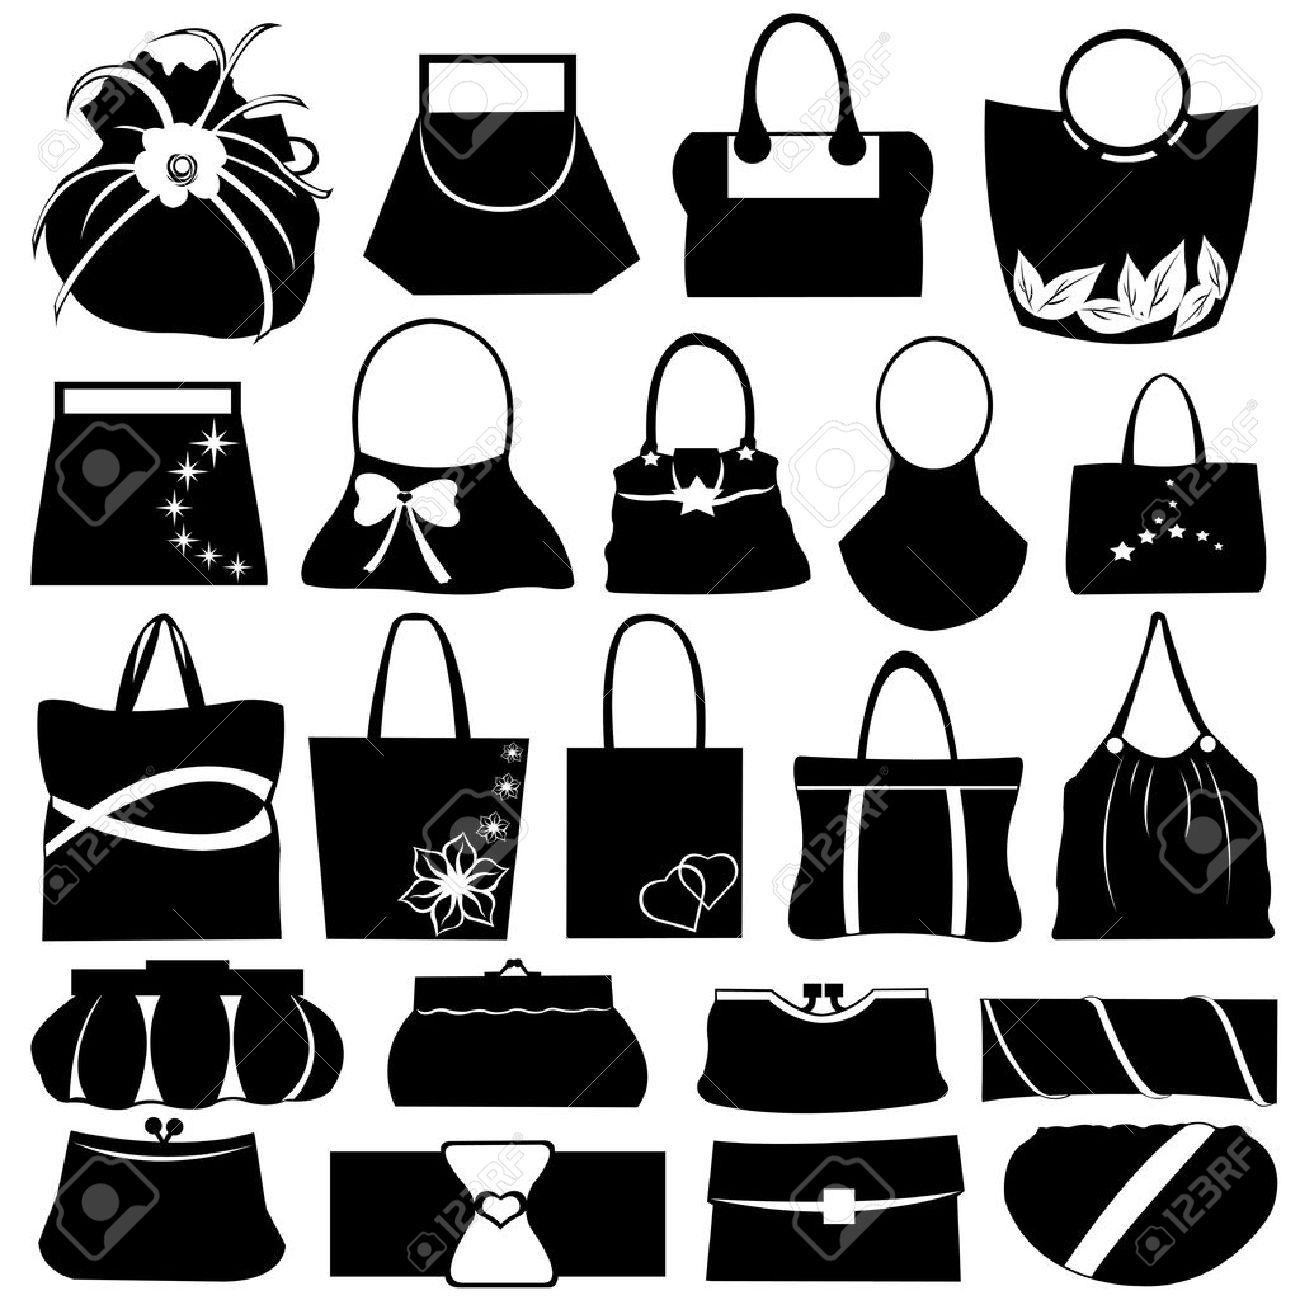 Female purse set isolated on white - 10888035